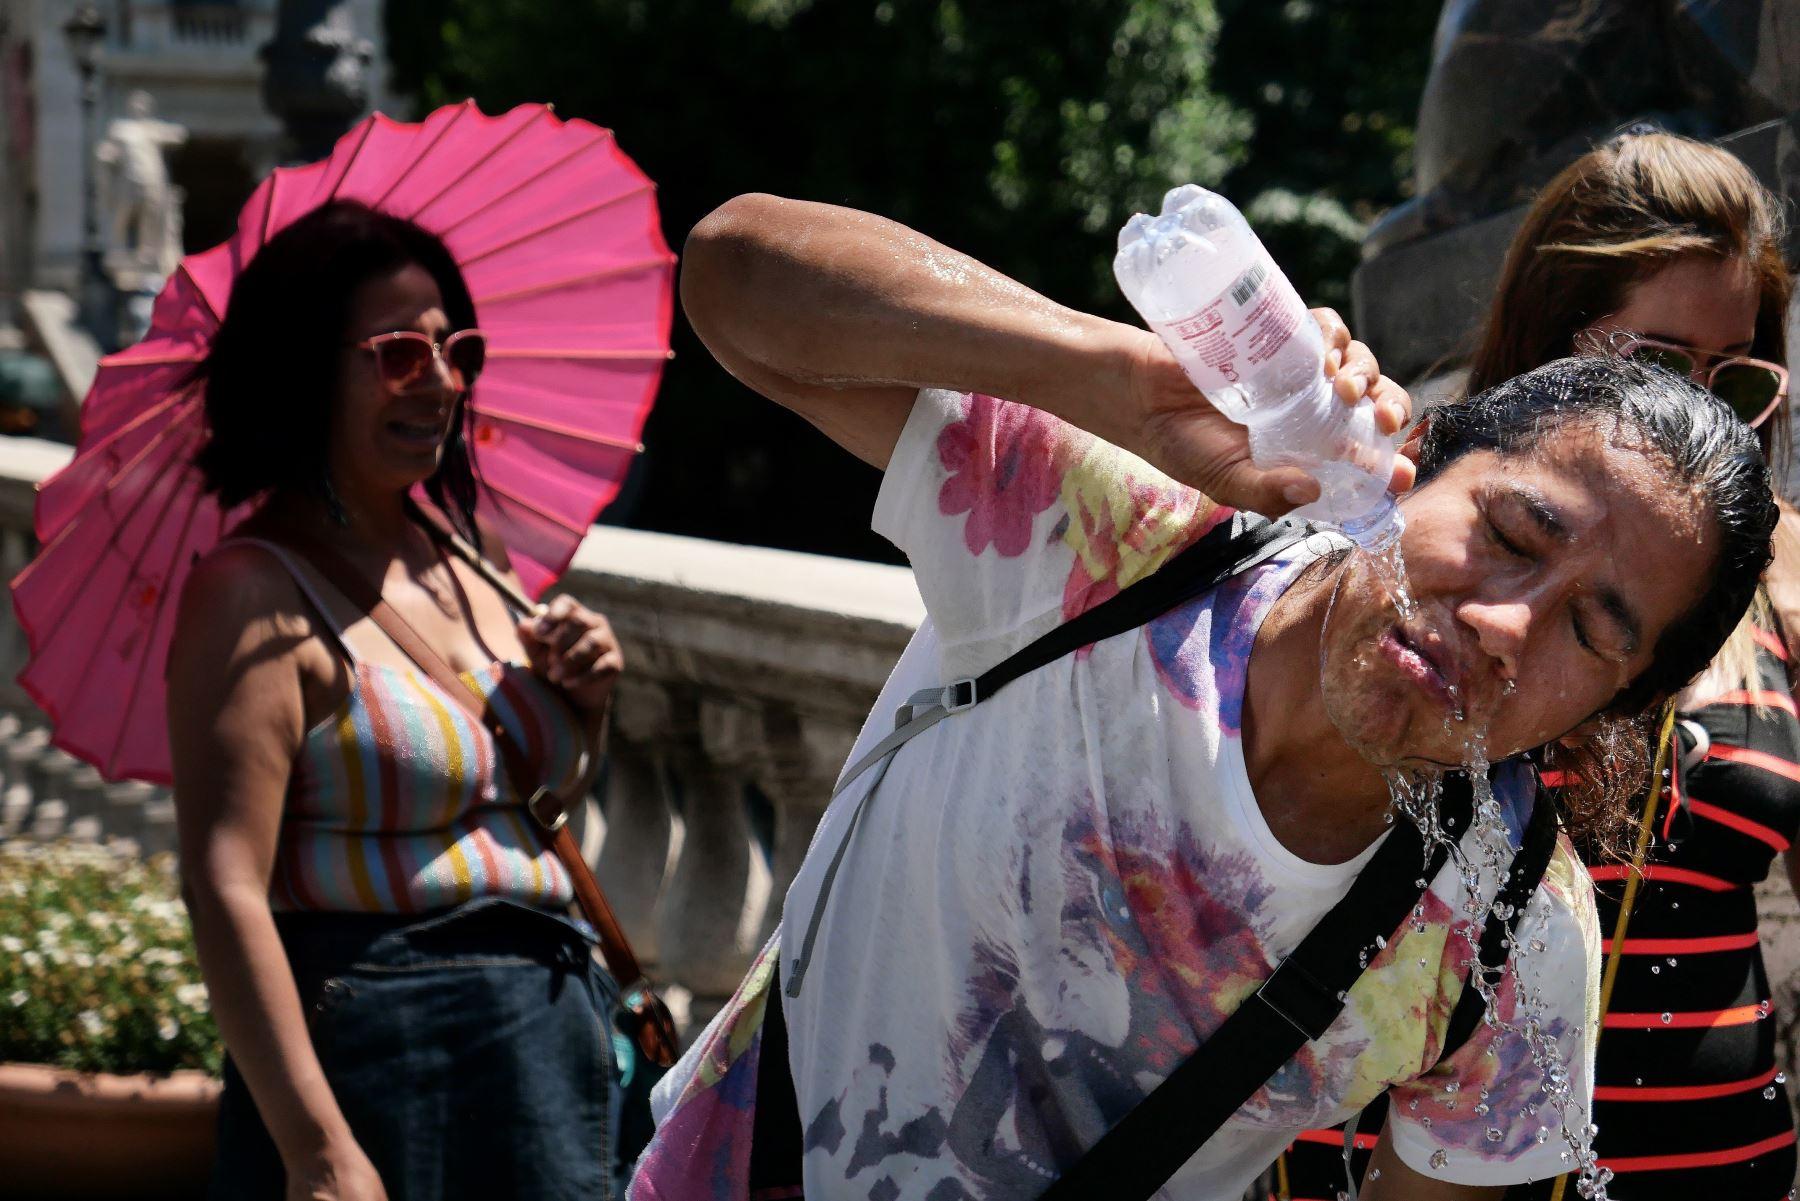 Un turista se refresca durante una inusual ola de calor a principios del verano en Roma. Foto: AFP